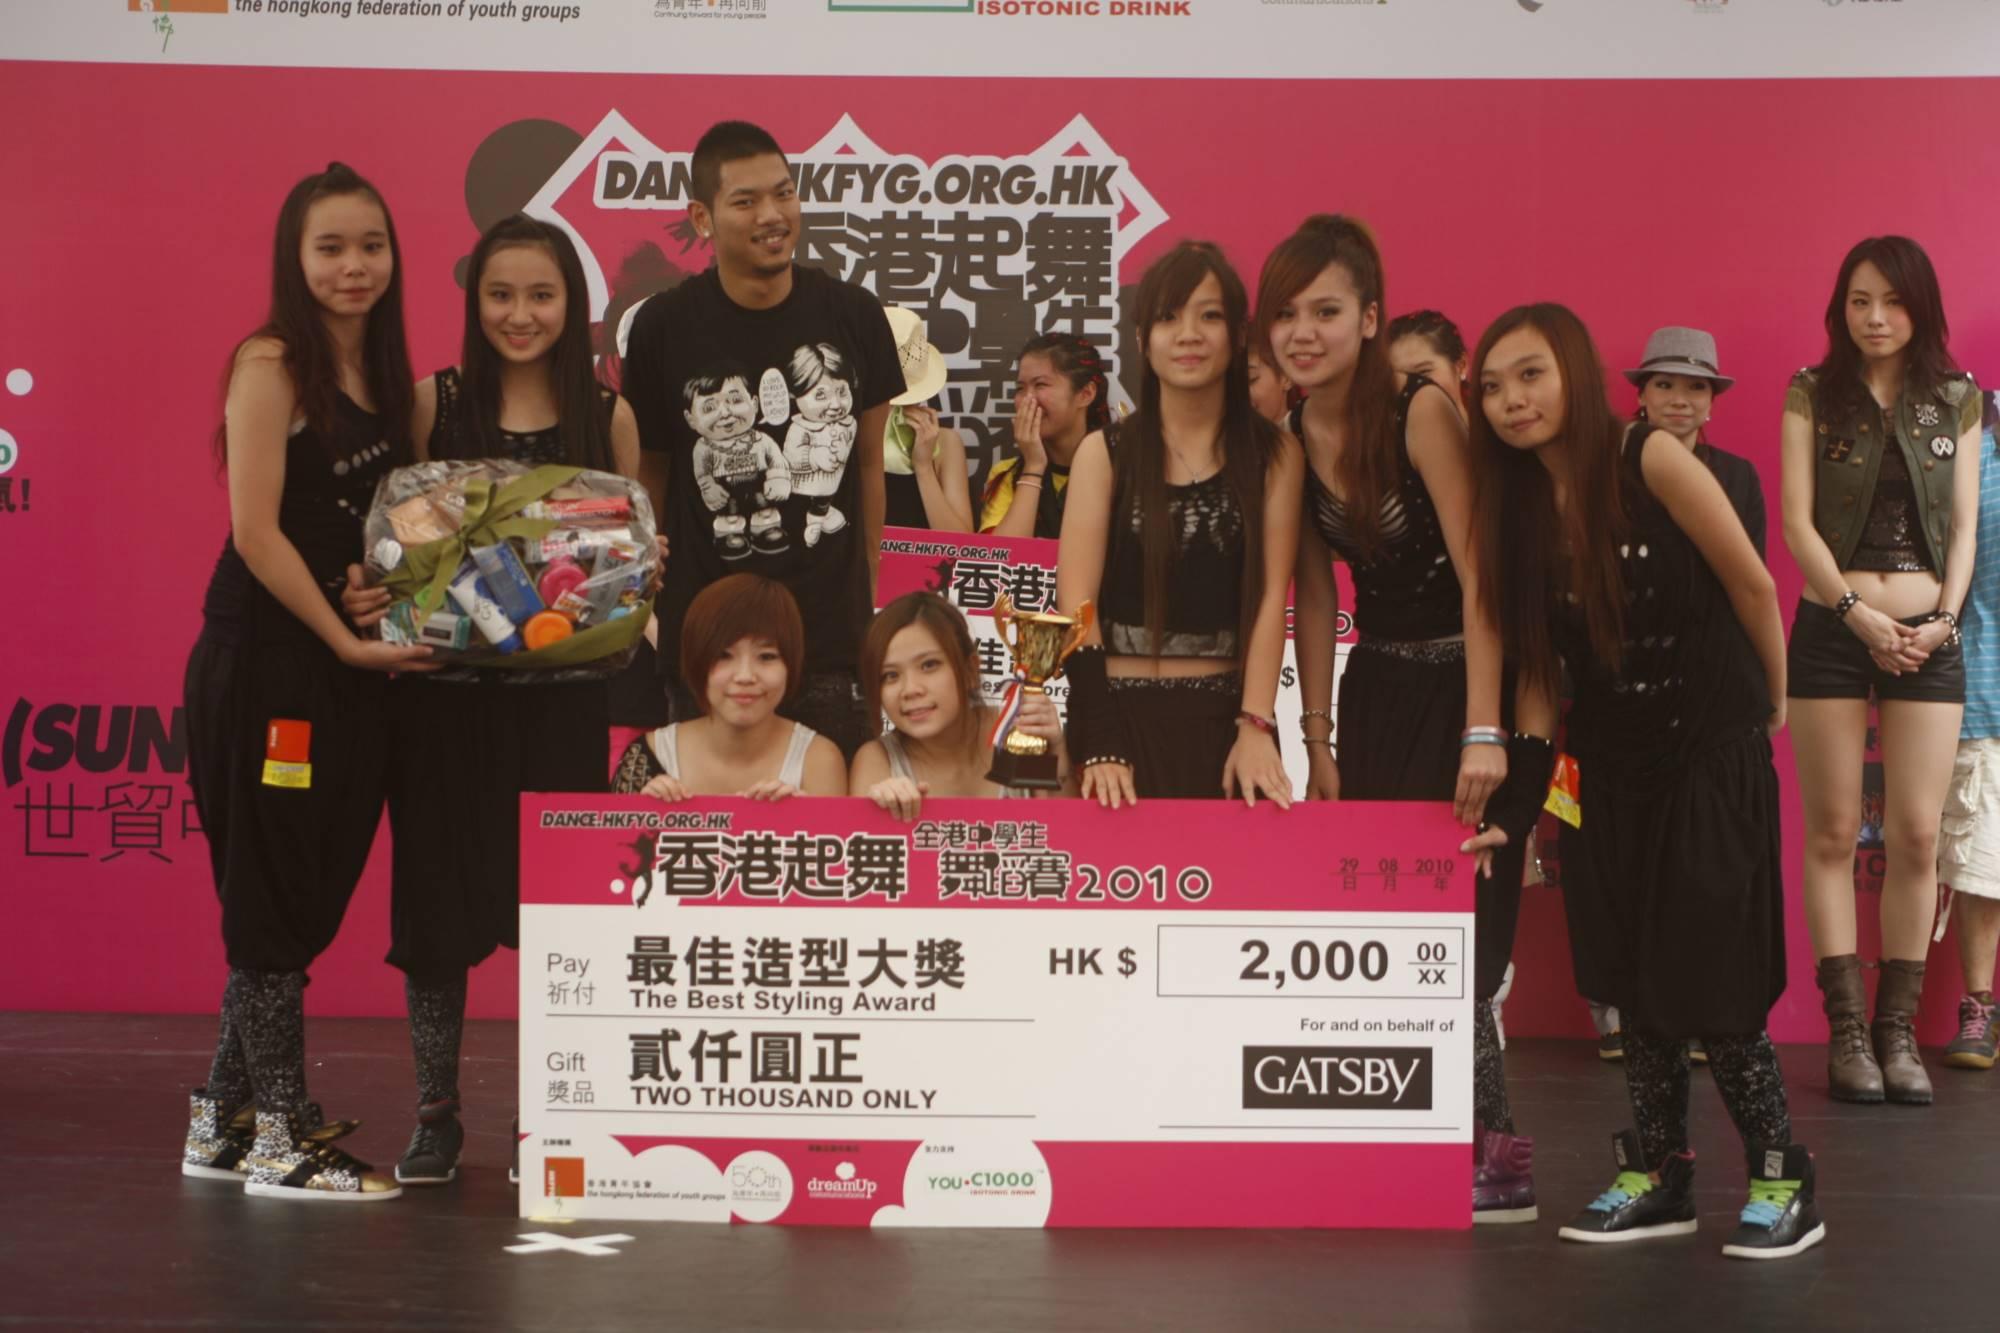 全港中學生舞蹈賽2010得獎隊伍 (1)